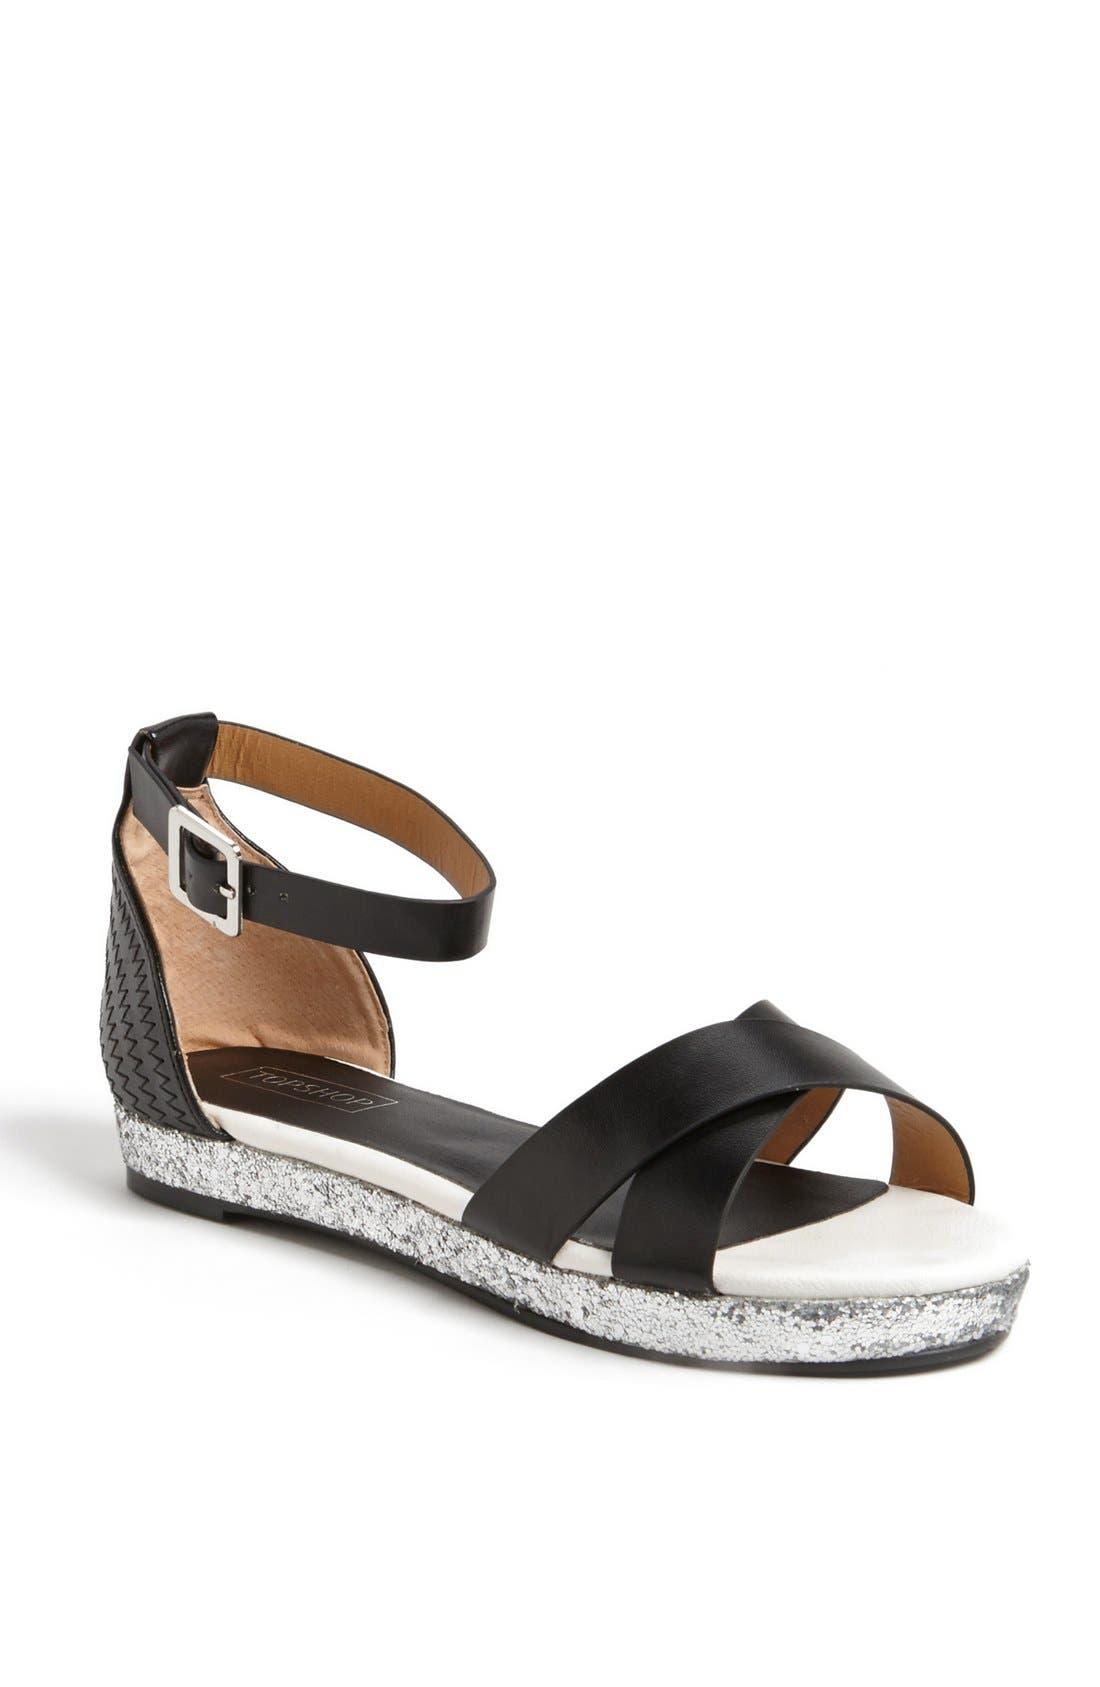 Alternate Image 1 Selected - Topshop 'Hyper Glitter' Sandal